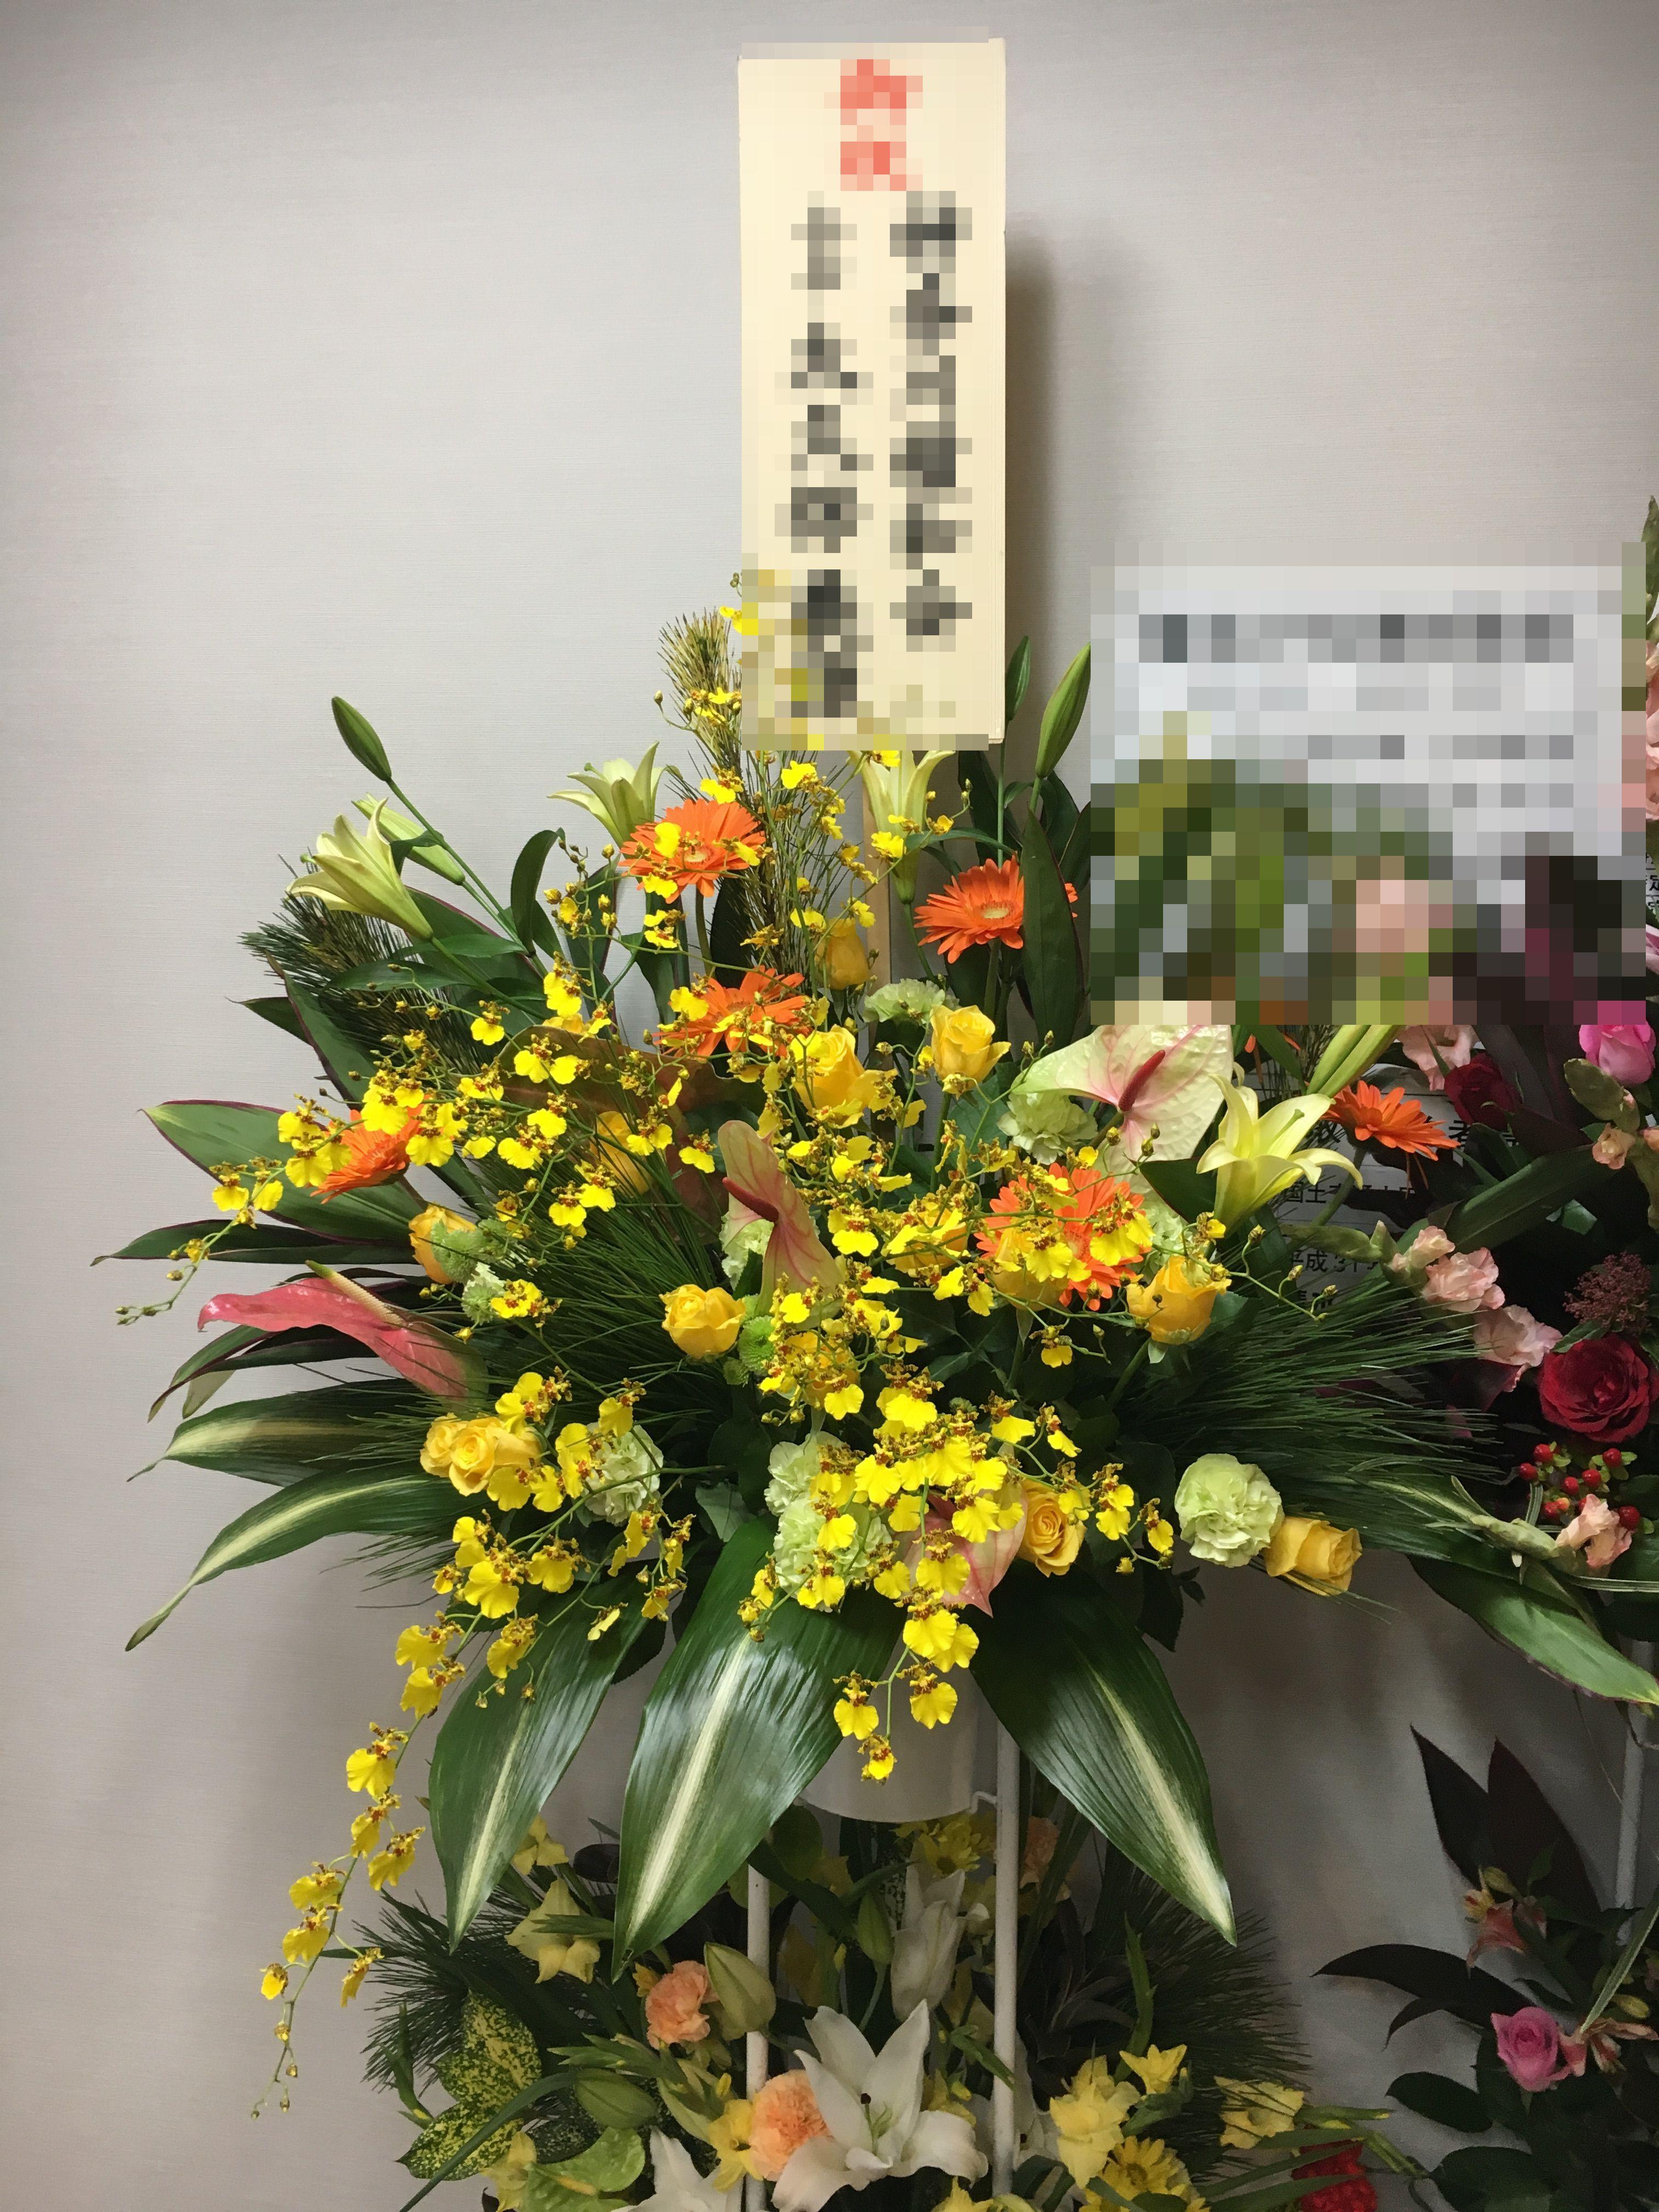 【ナオ花屋の納品事例242】横浜市関内へフラワーアレンジメントを即日当日配達しました!